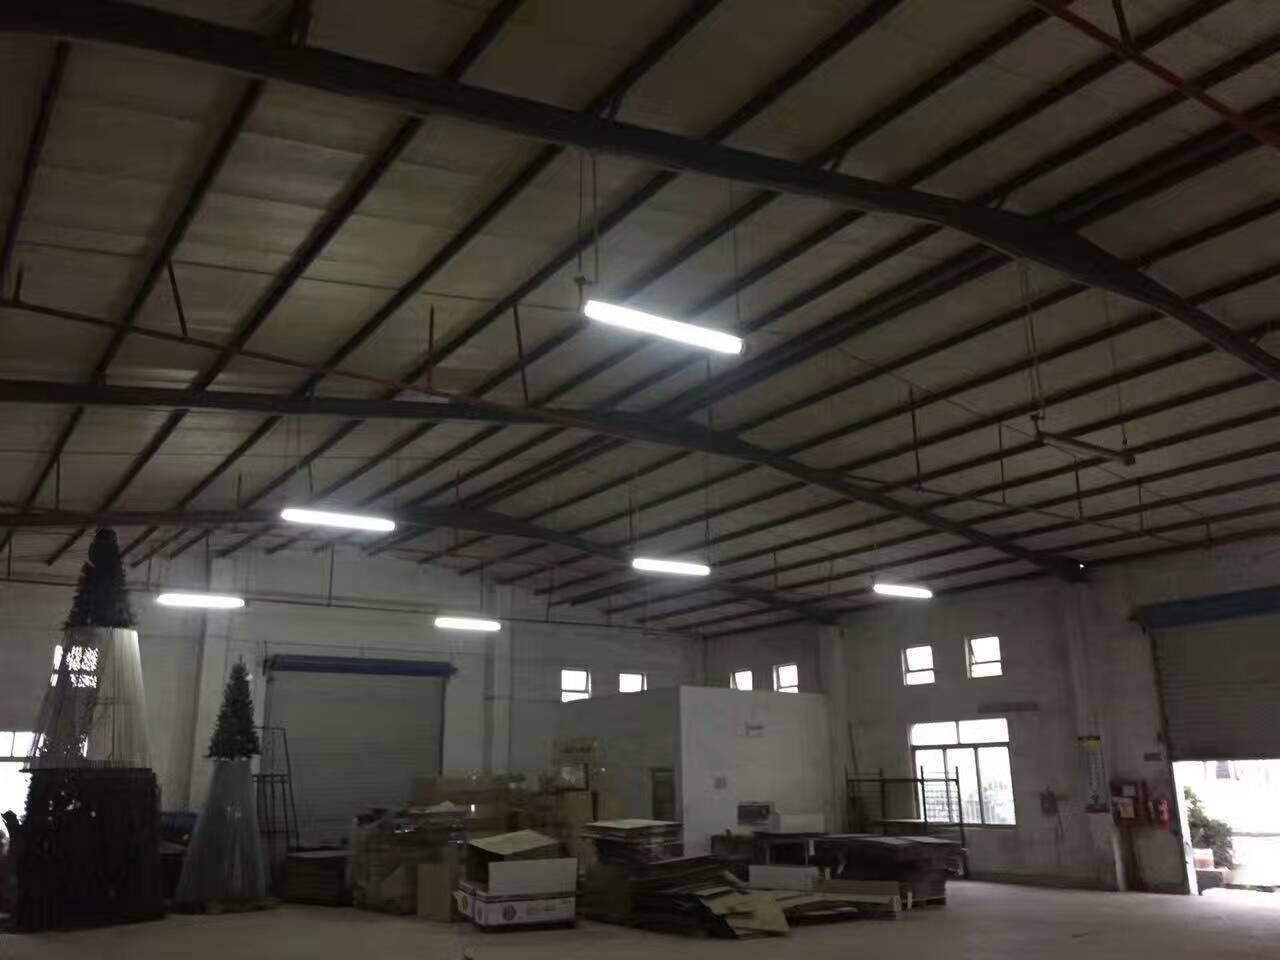 贵阳市专业做钢结构厂房验厂安全检测鉴定报告  1,钢柱脚预埋板,地